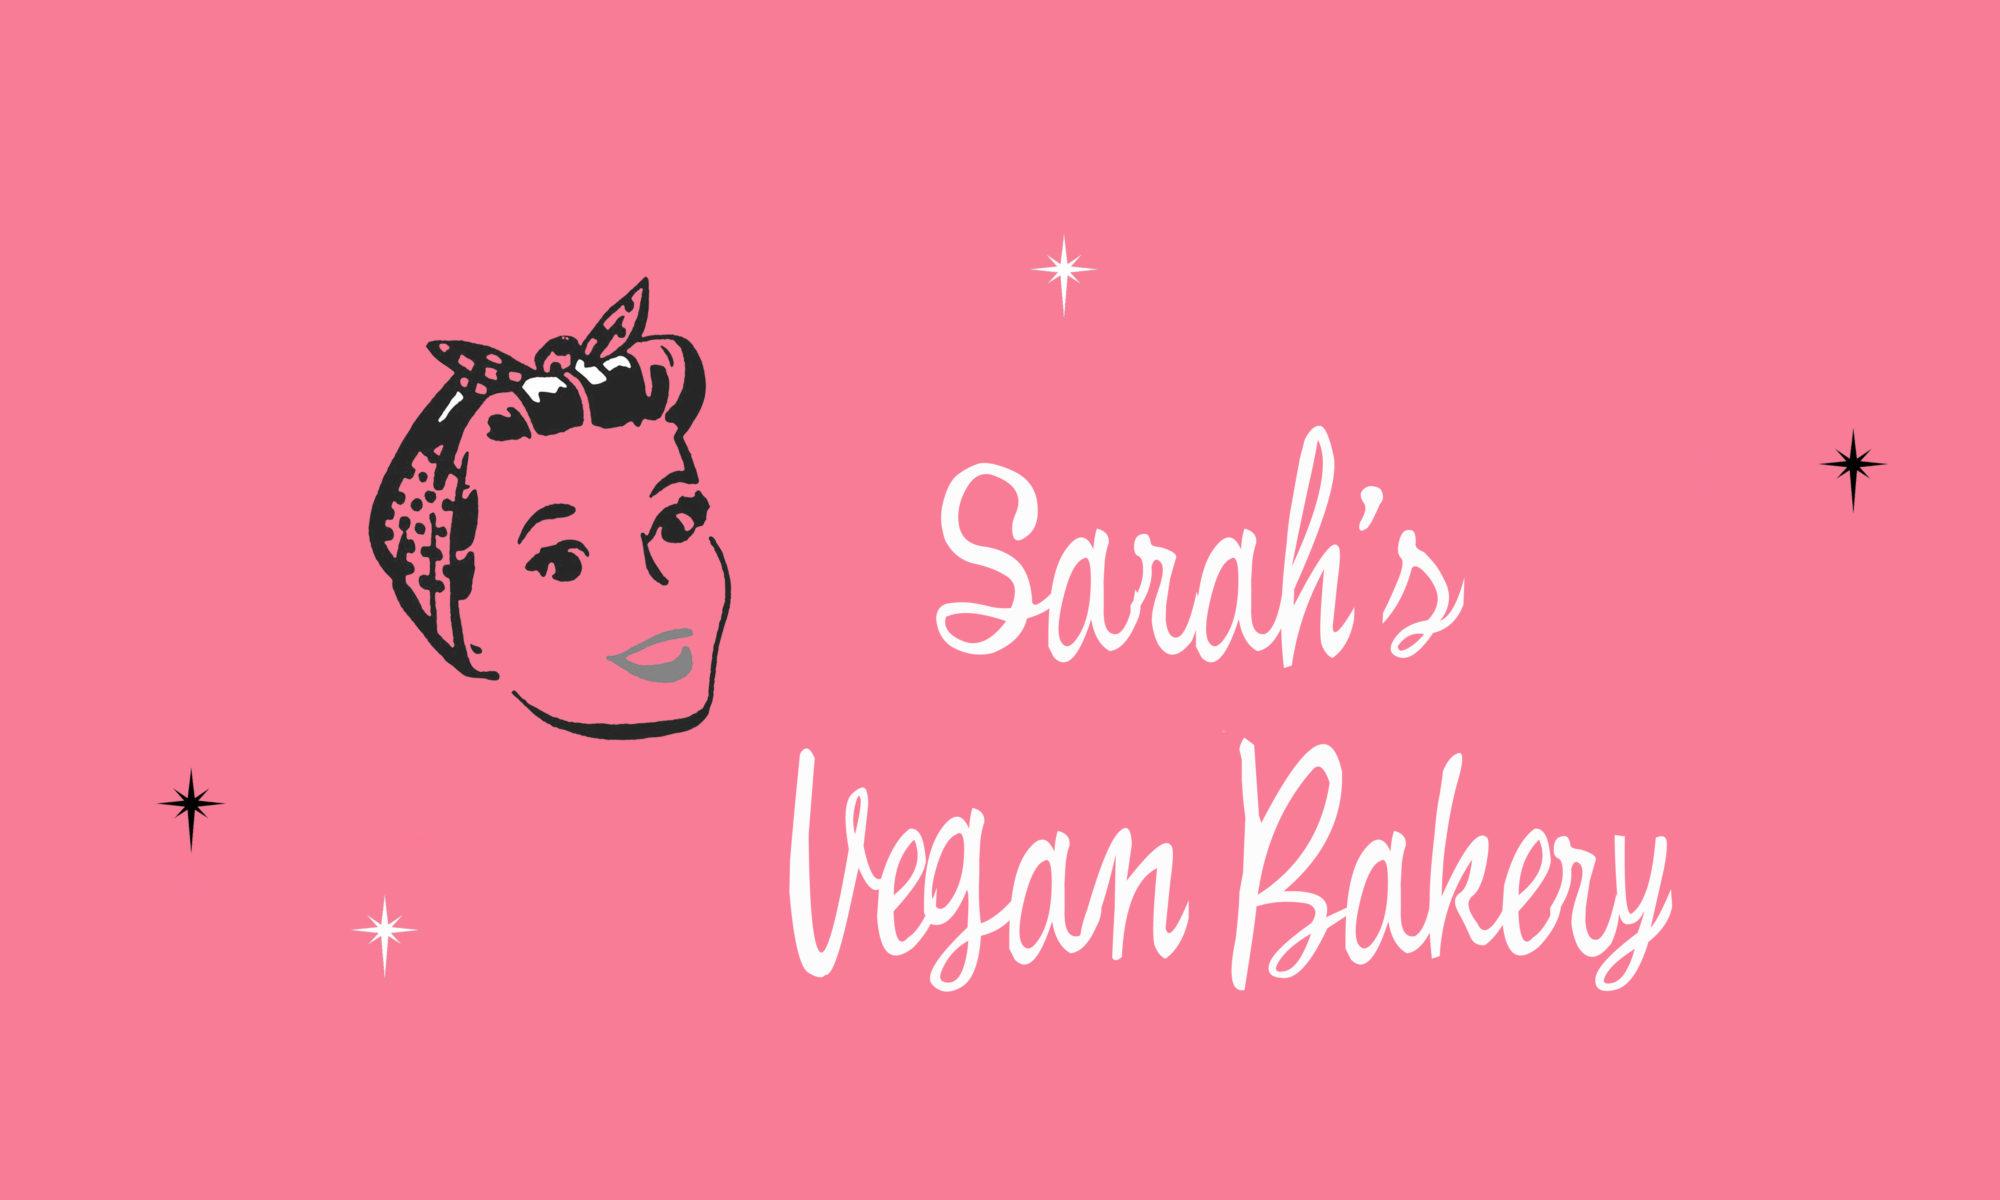 Sarah's Vegan Bakery